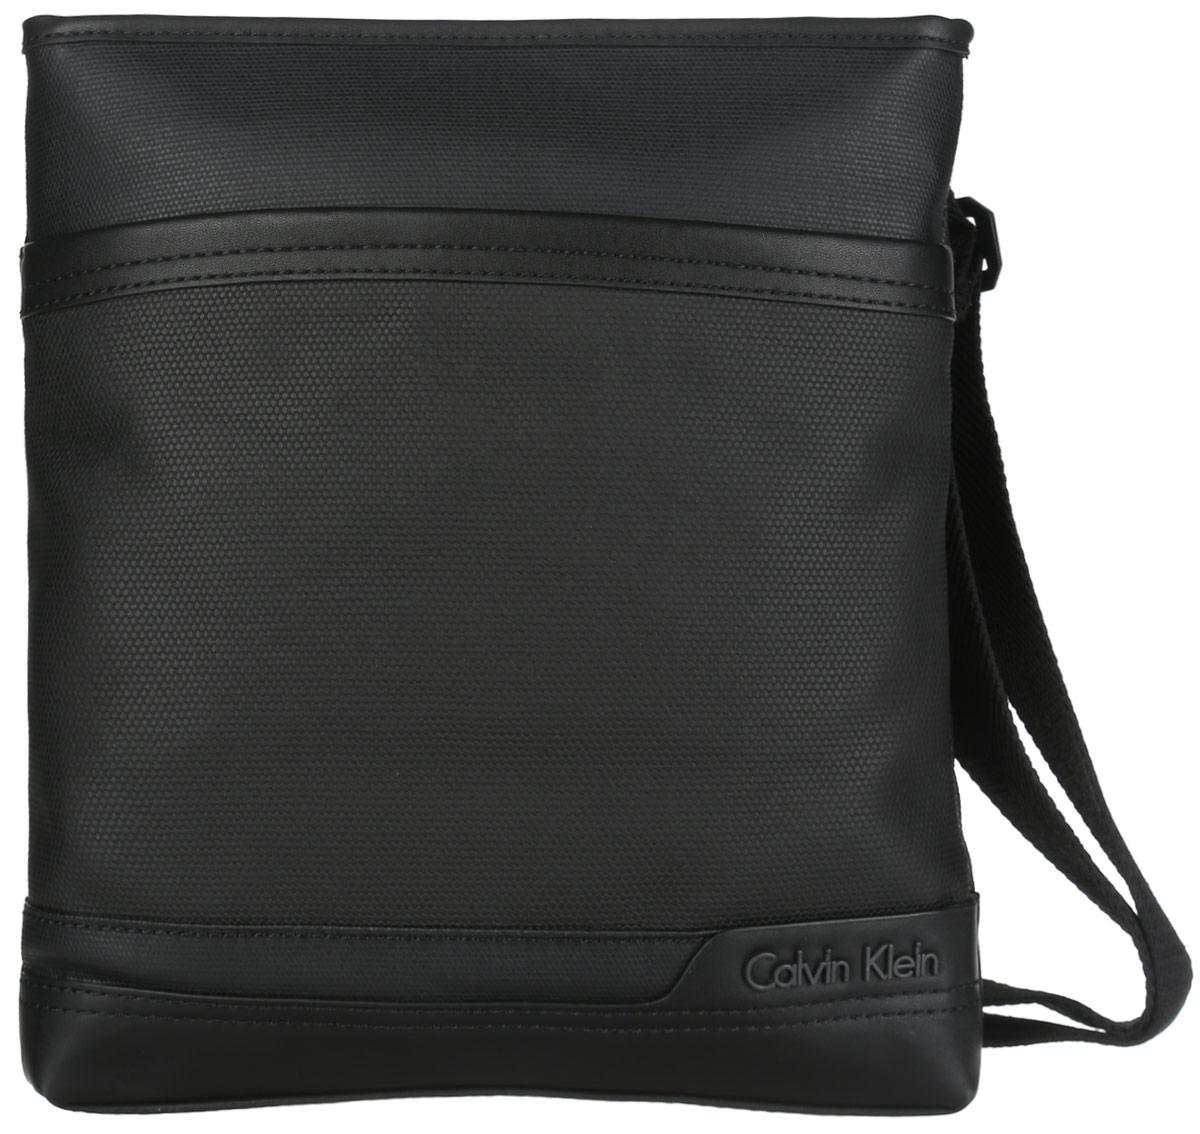 Сумка мужская Calvin Klein Jeans, цвет: черный. K50K500474K50K500474Стильная сумка Calvin Klein Jeans выполнена из полиуретана и оформлена металлической фурнитурой с символикой бренда. Изделие содержит одно отделение и закрывается на застежку-молнию. Внутри размещены два накладных кармашка и врезной карман на молнии. Снаружи, на лицевой стороне сумки, расположен вместительный накладной карман. Сумка оснащена практичным плечевым ремнем регулируемой длины. Практичный аксессуар от Calvin Klein Jeans позволит вам завершить образ и подчеркнуть деловой стиль.